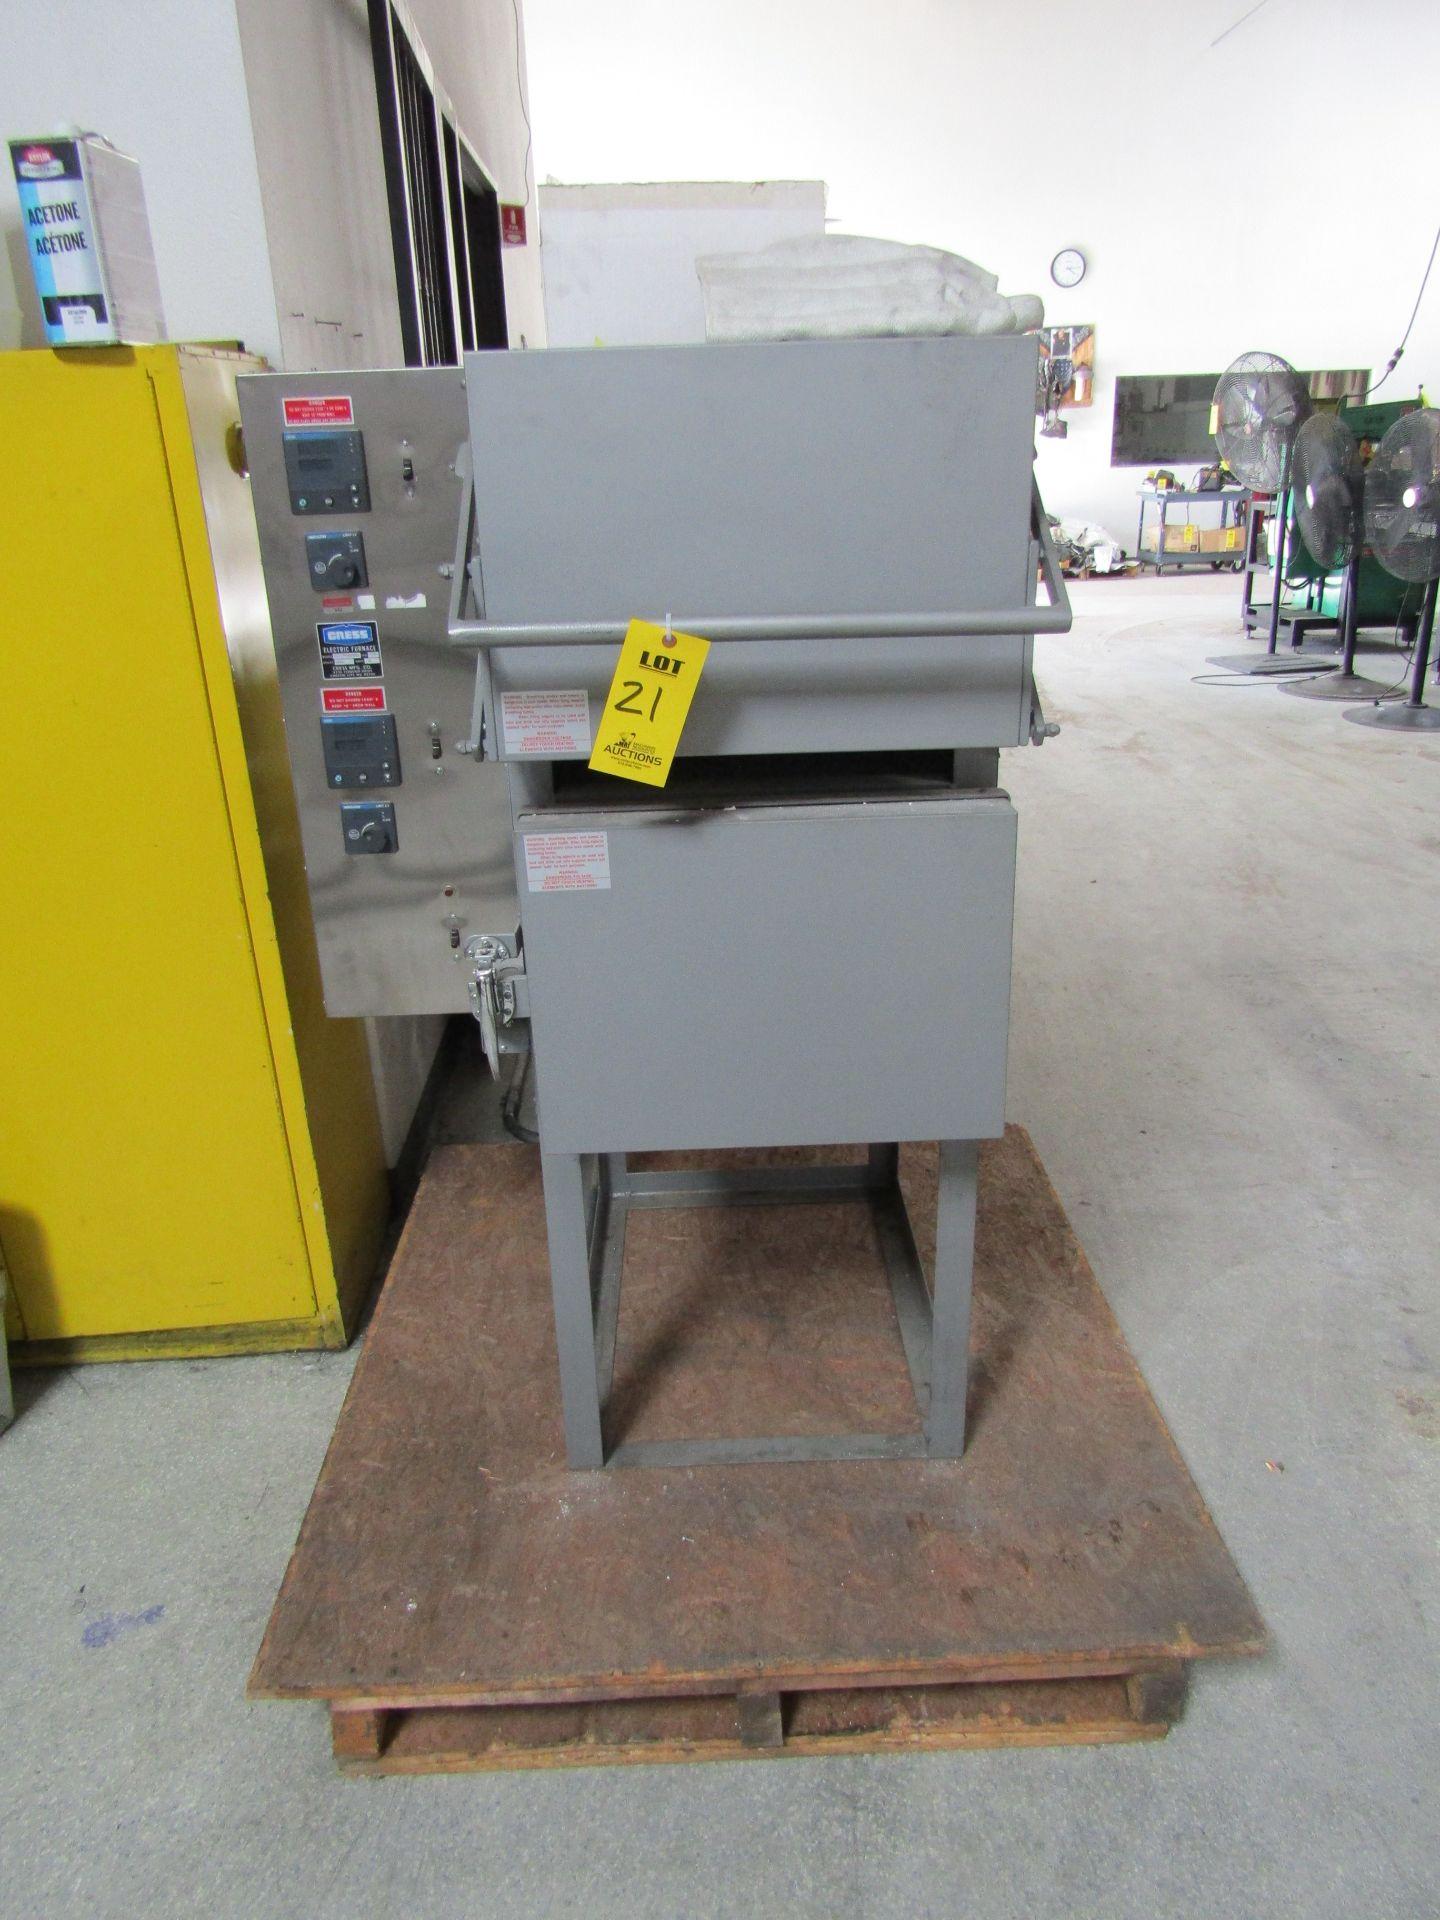 Lot 21 - CRESS Electric Furnace, Model C2121SDHCCU&L, Serial 1009